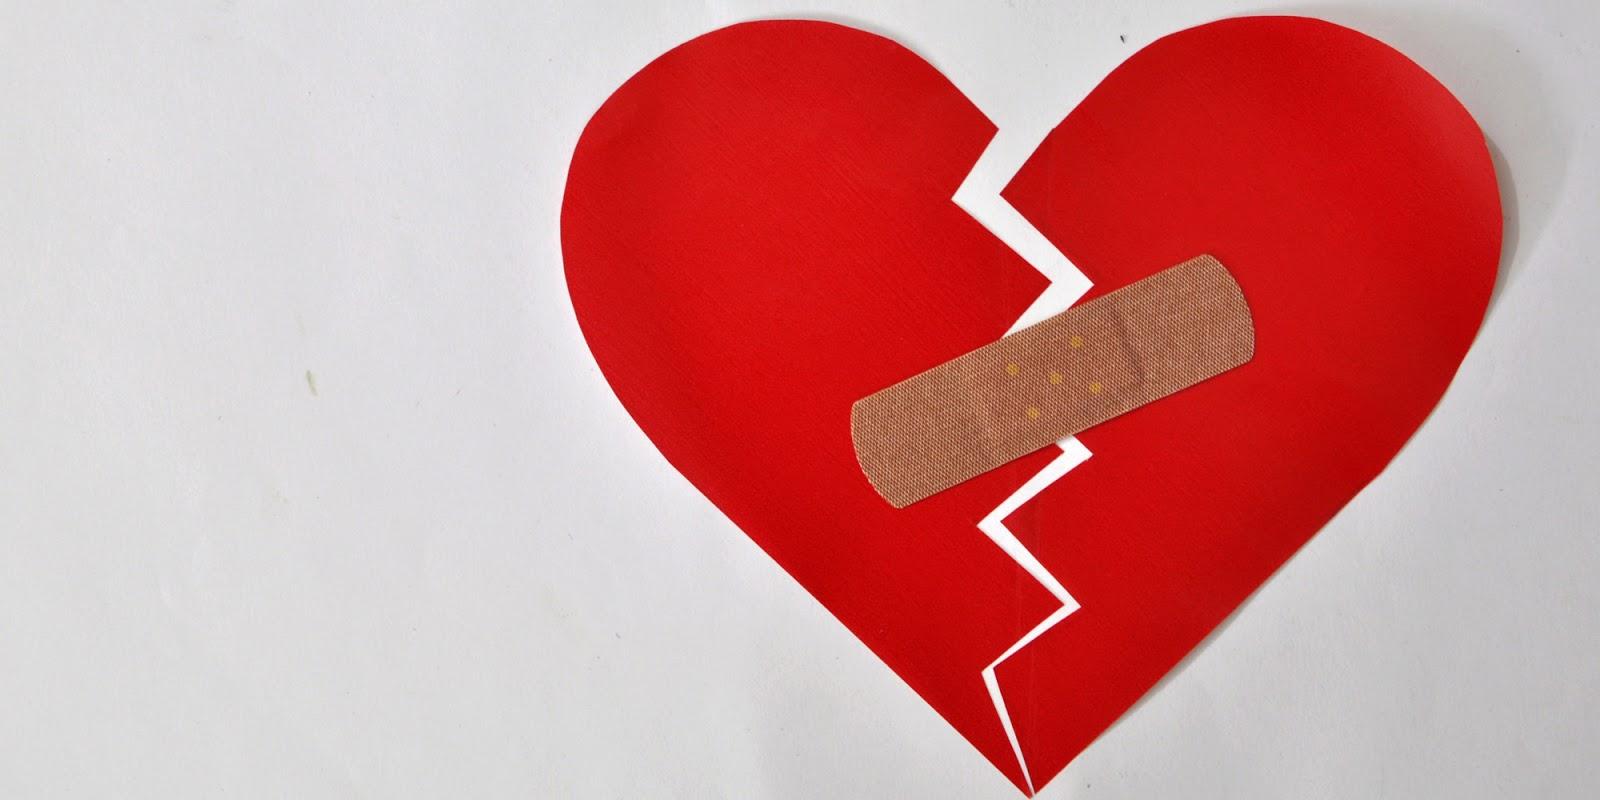 صورة قلب حزين مكسور